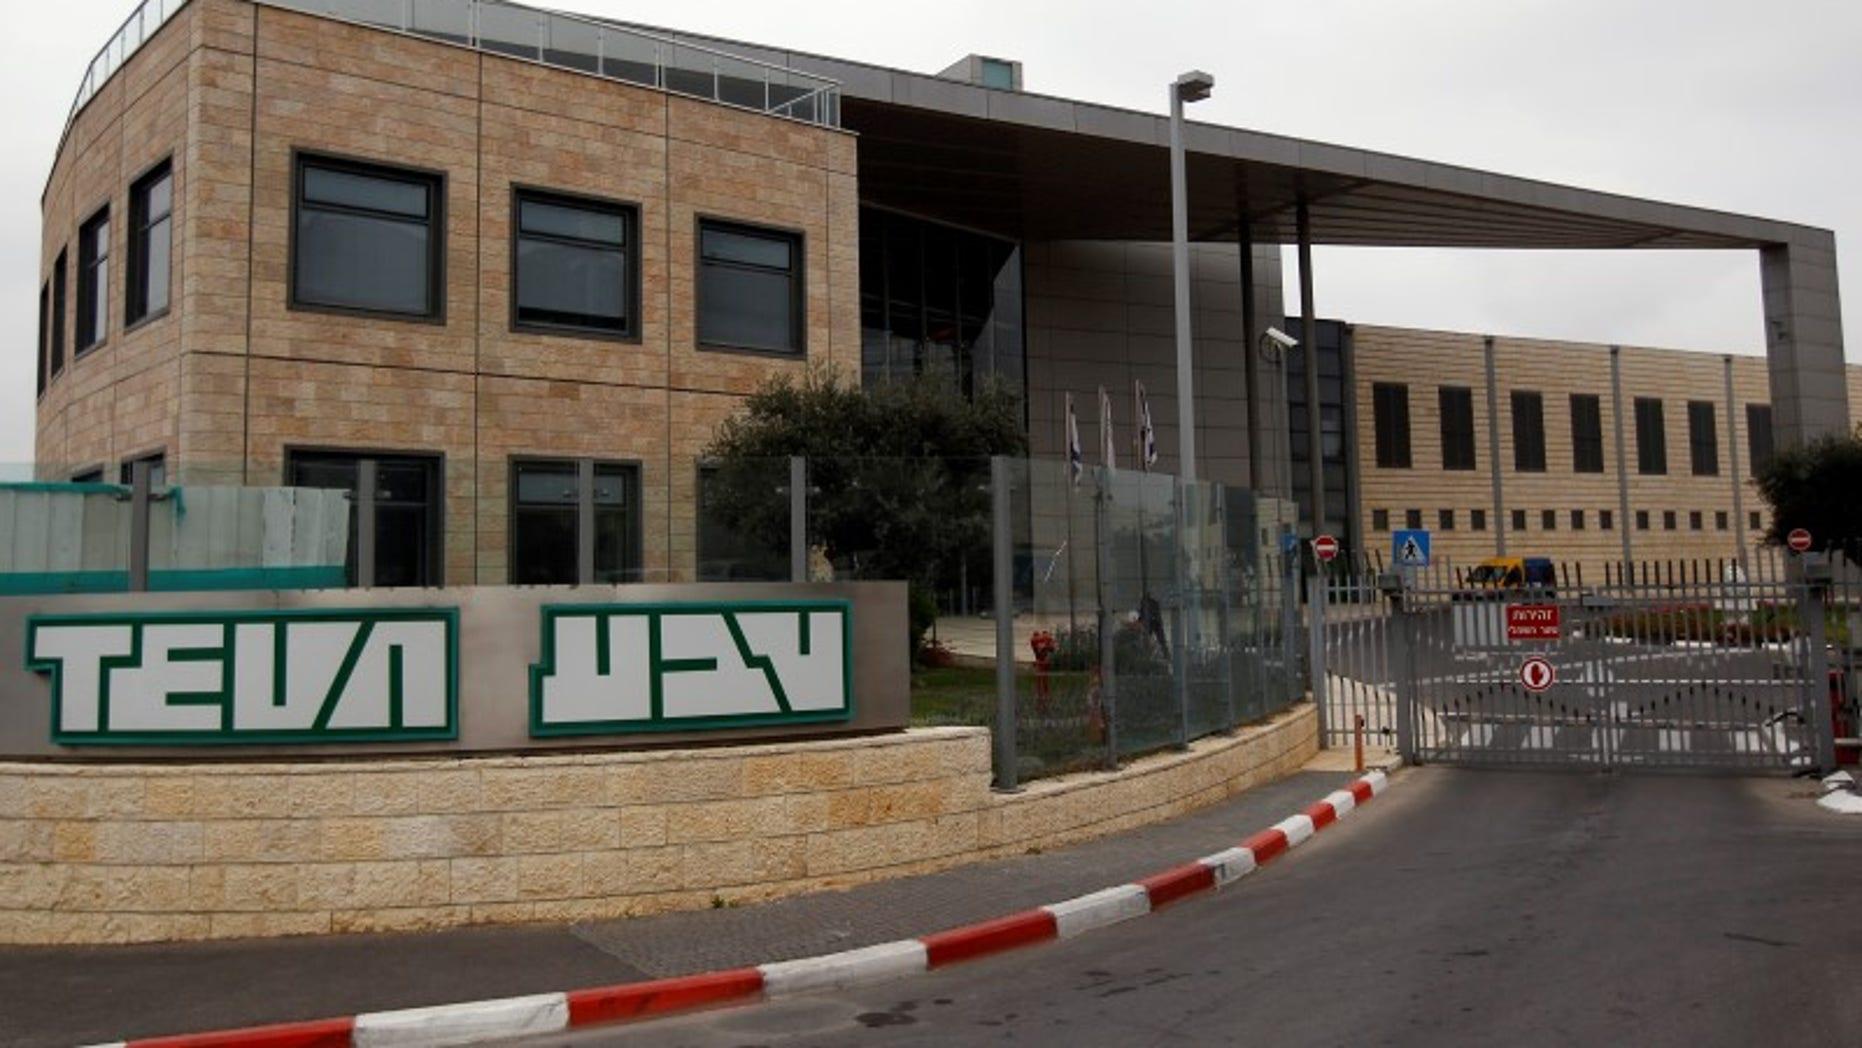 Teva plant is seen in Jerusalem